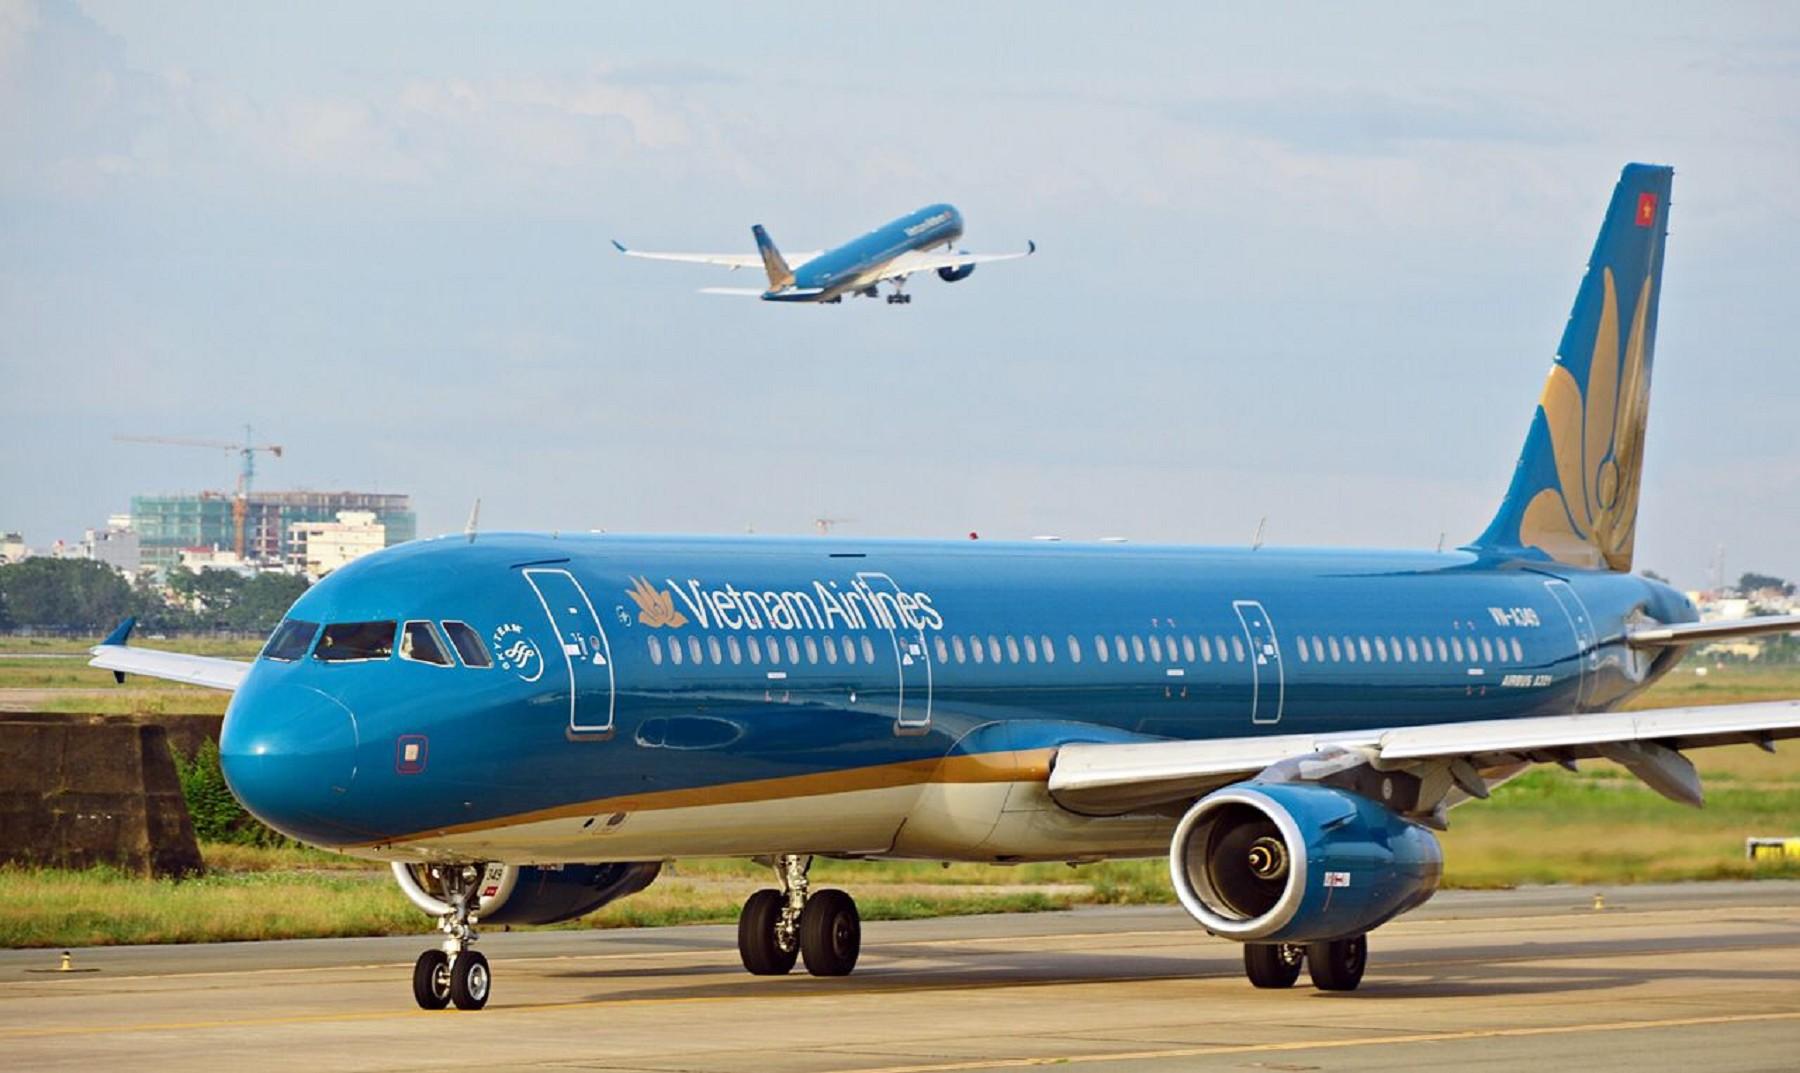 Vietnam Airlines tăng thêm gần 40 chuyến trên nhiều chặng nội địa trong tháng 9 và tháng 10 - Ảnh 1.